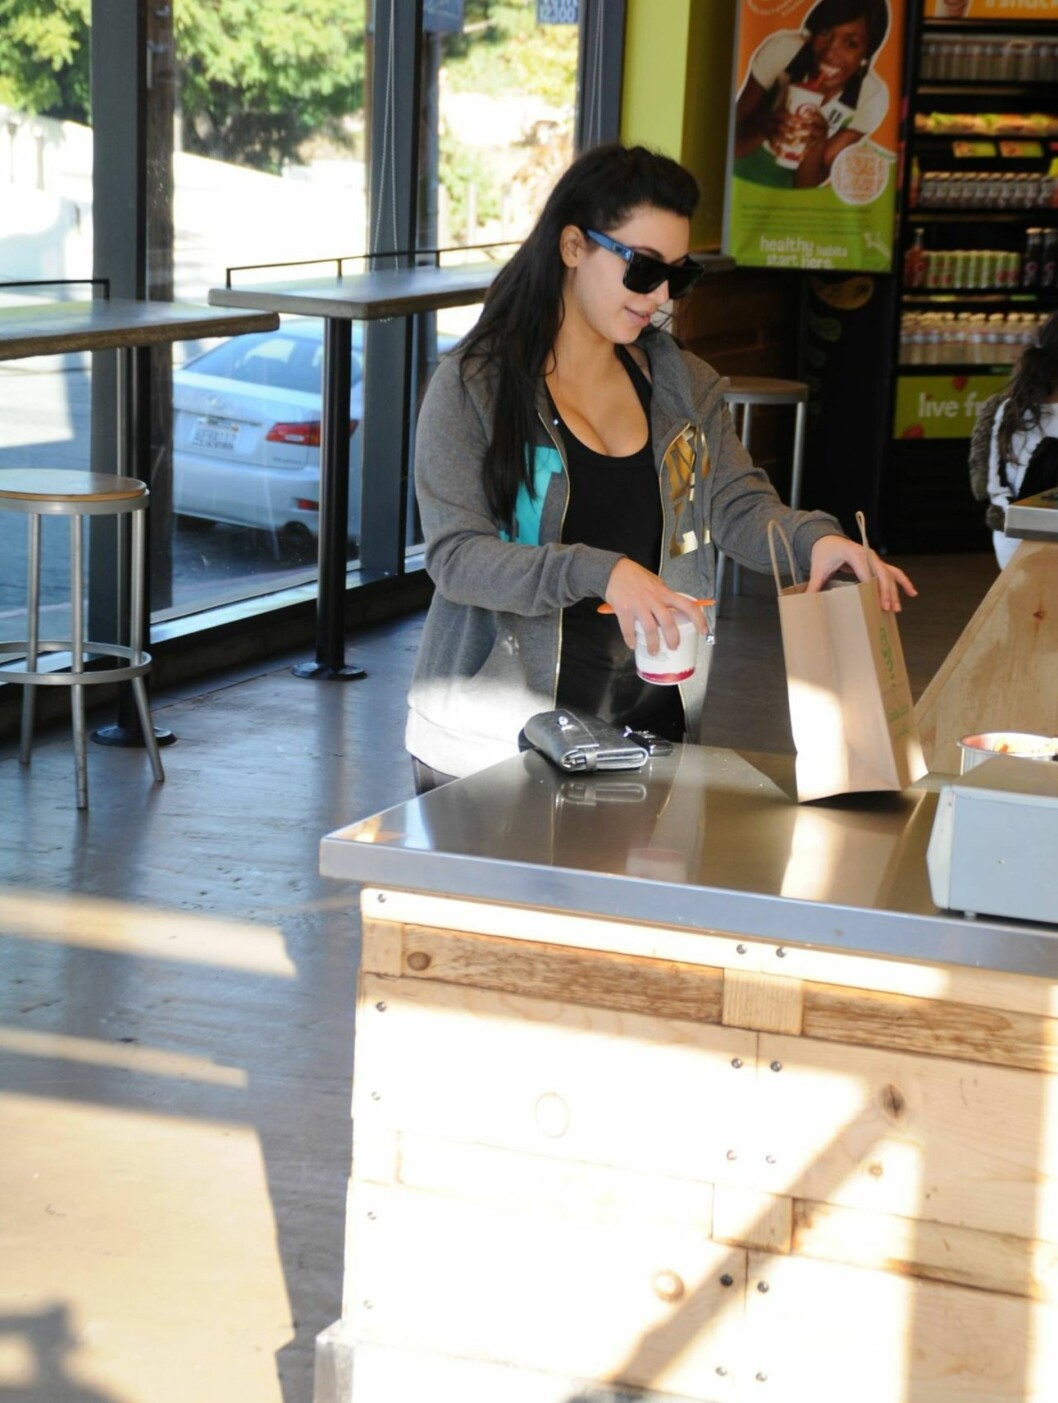 GRAVIDLYKKE: Kim Kardashian dro innom den lokale Jamba Juice-butikken ved treningssenteret i Los Angeles for å få i seg litt næring etter treningsøkten. Foto: All Over Press